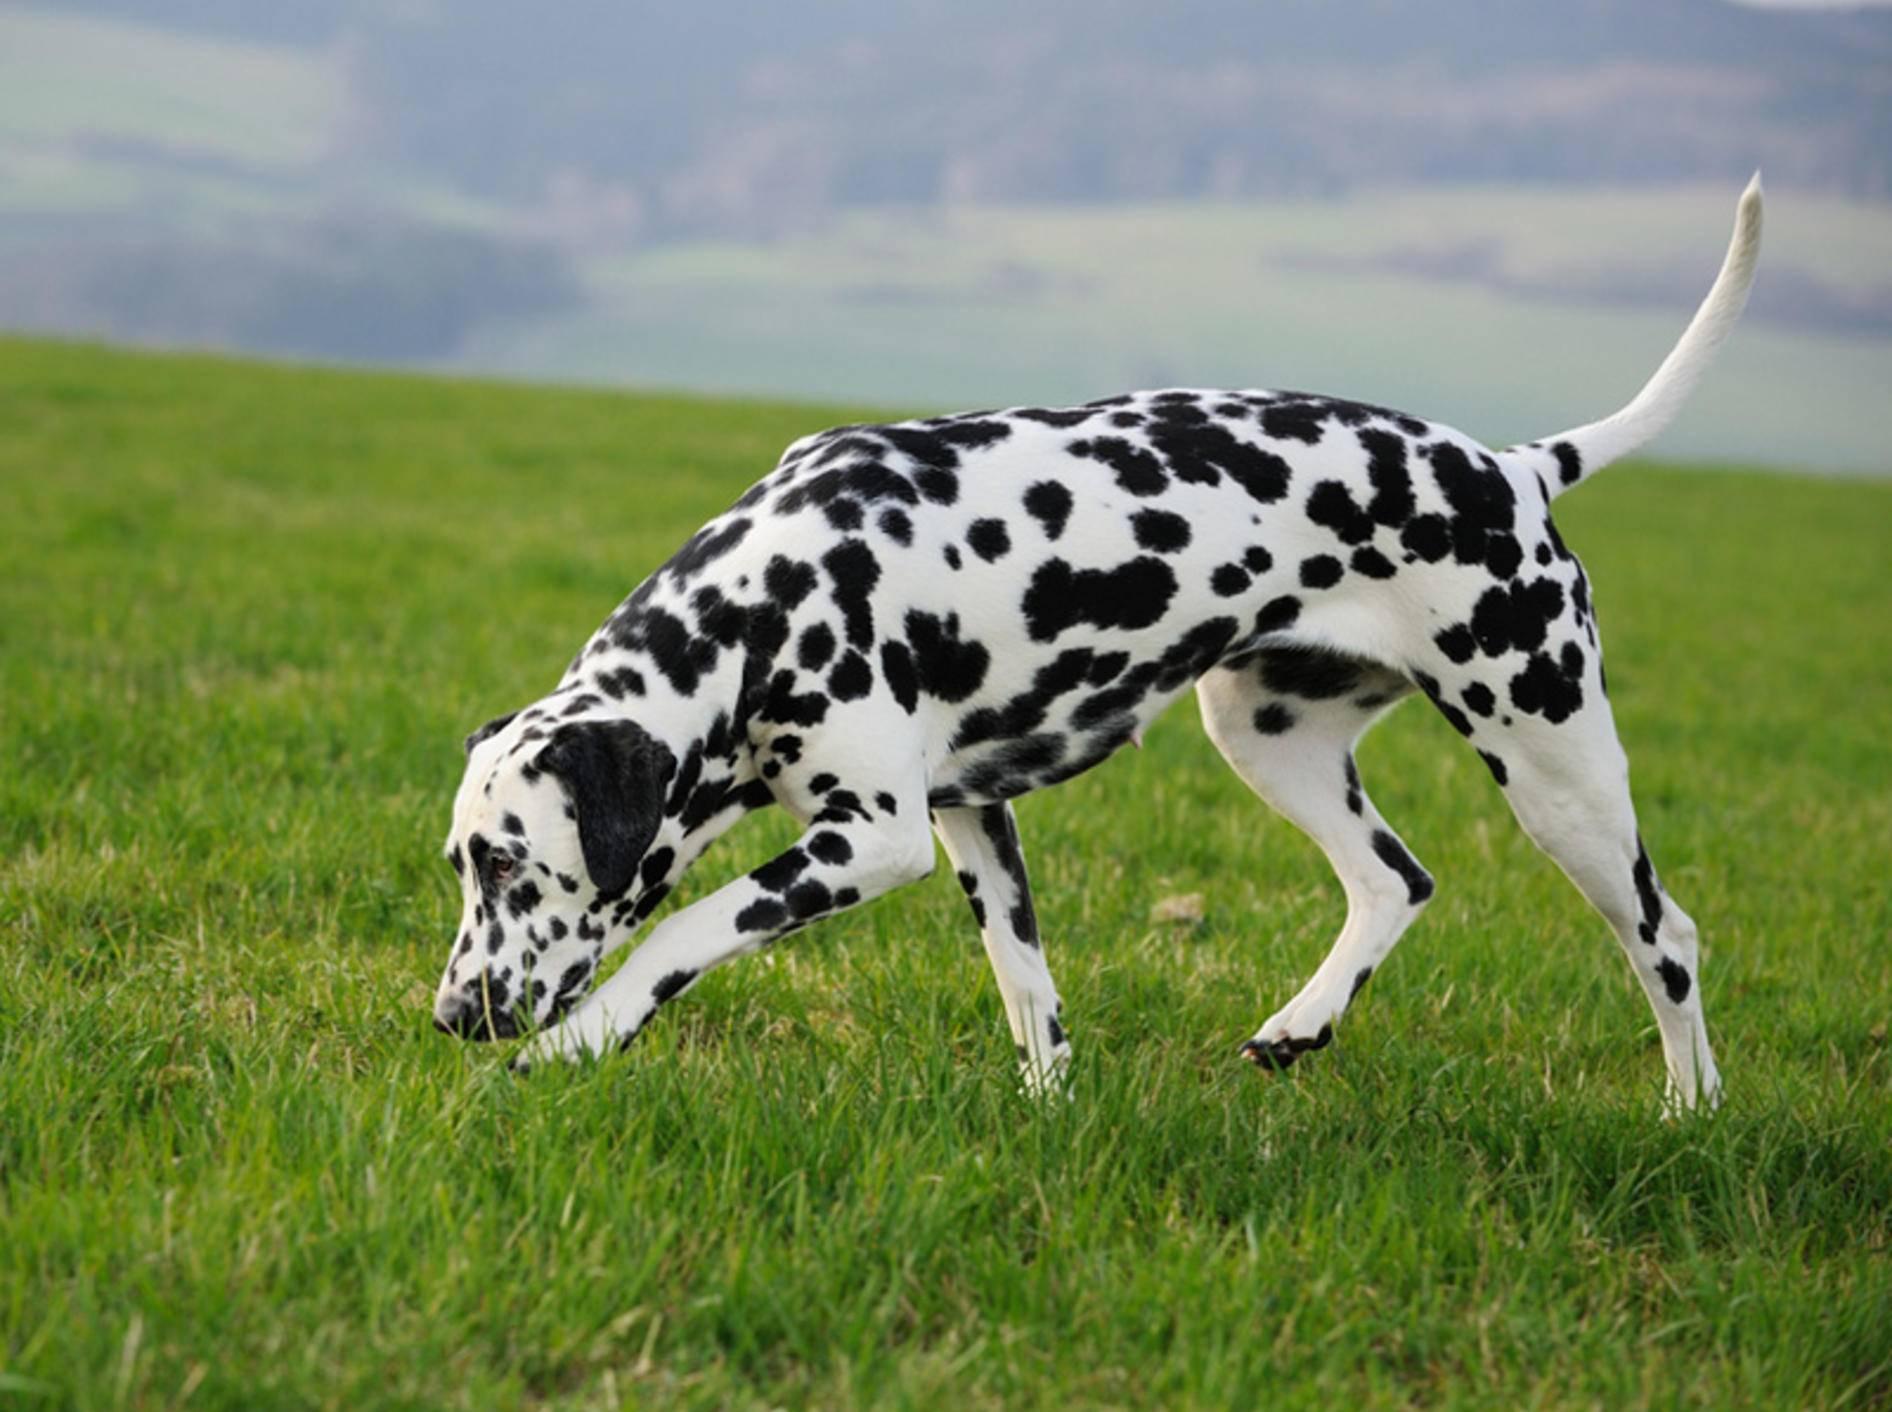 Damit Ihr Hund sicher durchs Gras schnüffeln kann, ist Anti-Giftköder-Training wichtig – anetapics/Shutterstock